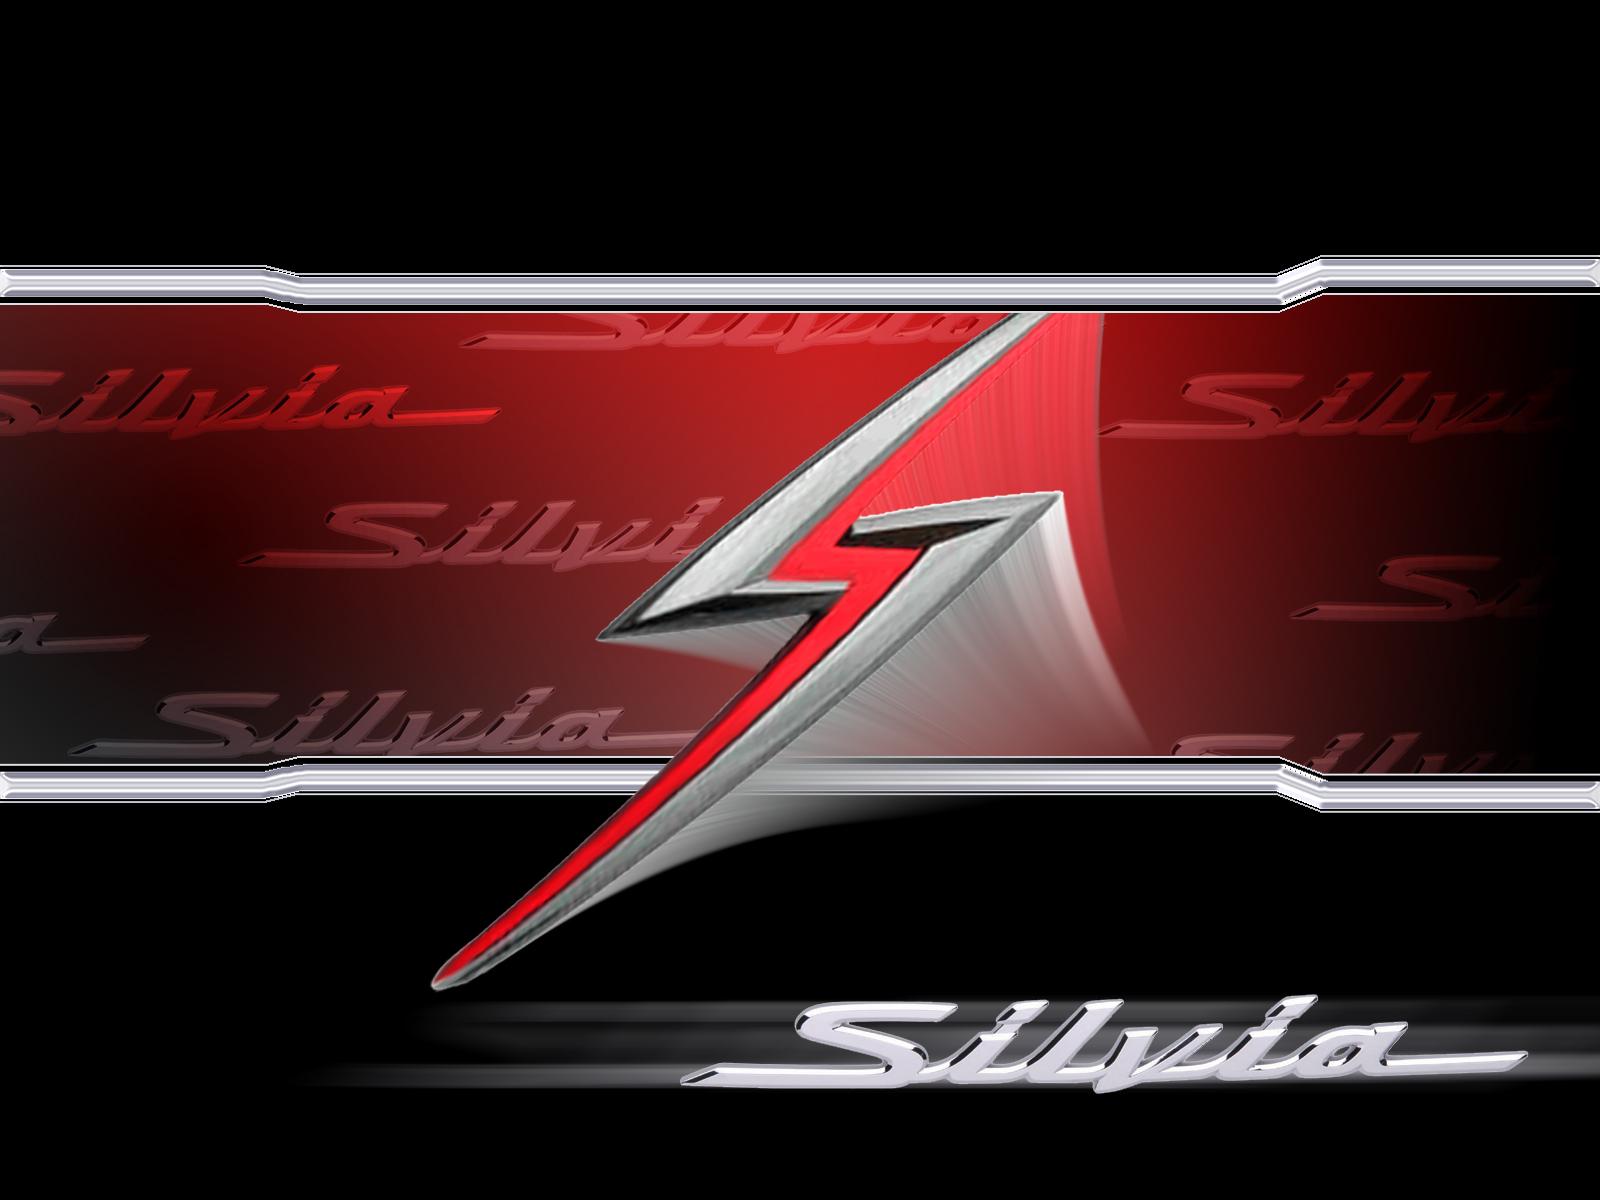 Silvia S15 Lightning Emblem